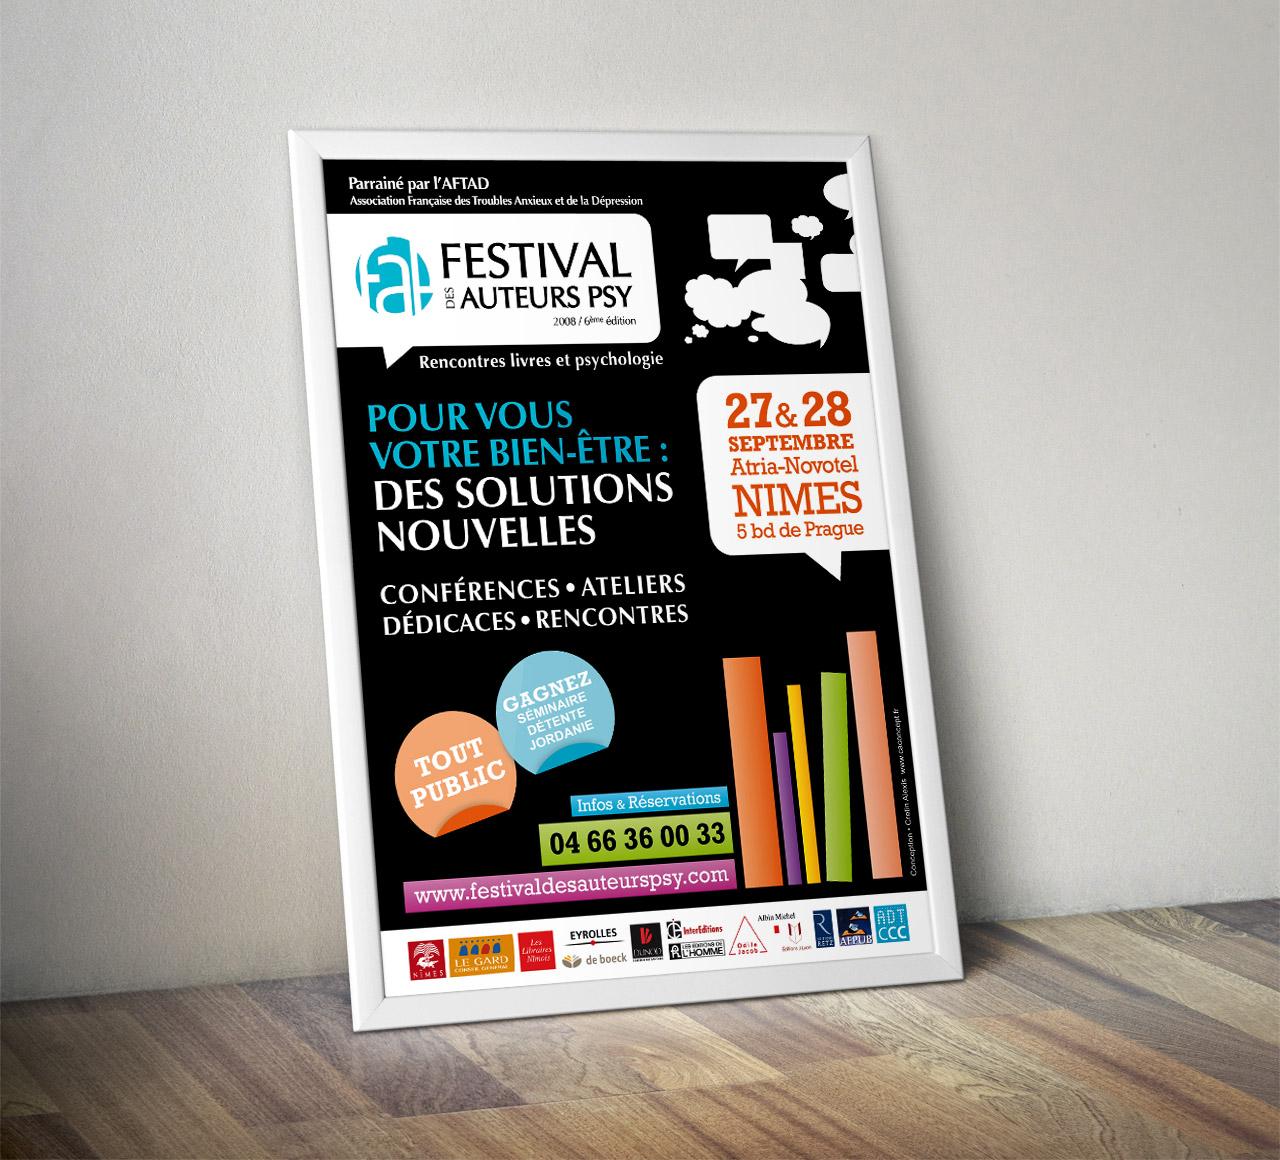 fap-creation-affiche-2008-communication-caconcept-alexis-cretin-graphiste-montpellier